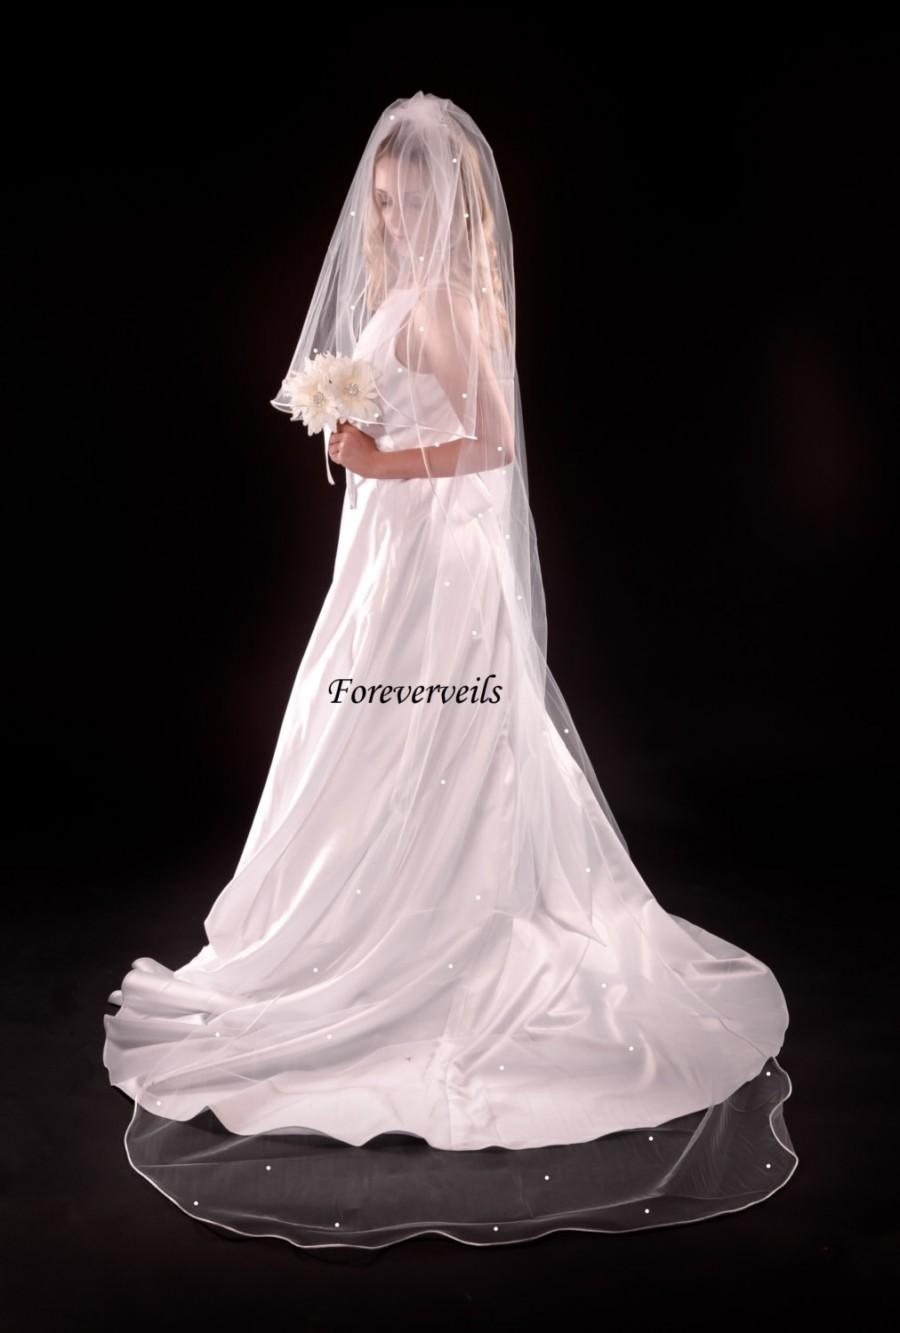 زفاف - Rhinestone Cathedral wedding veil, 2 tier flowing long bridal veil - white, ivory, diamond white, champagne or black satin edge